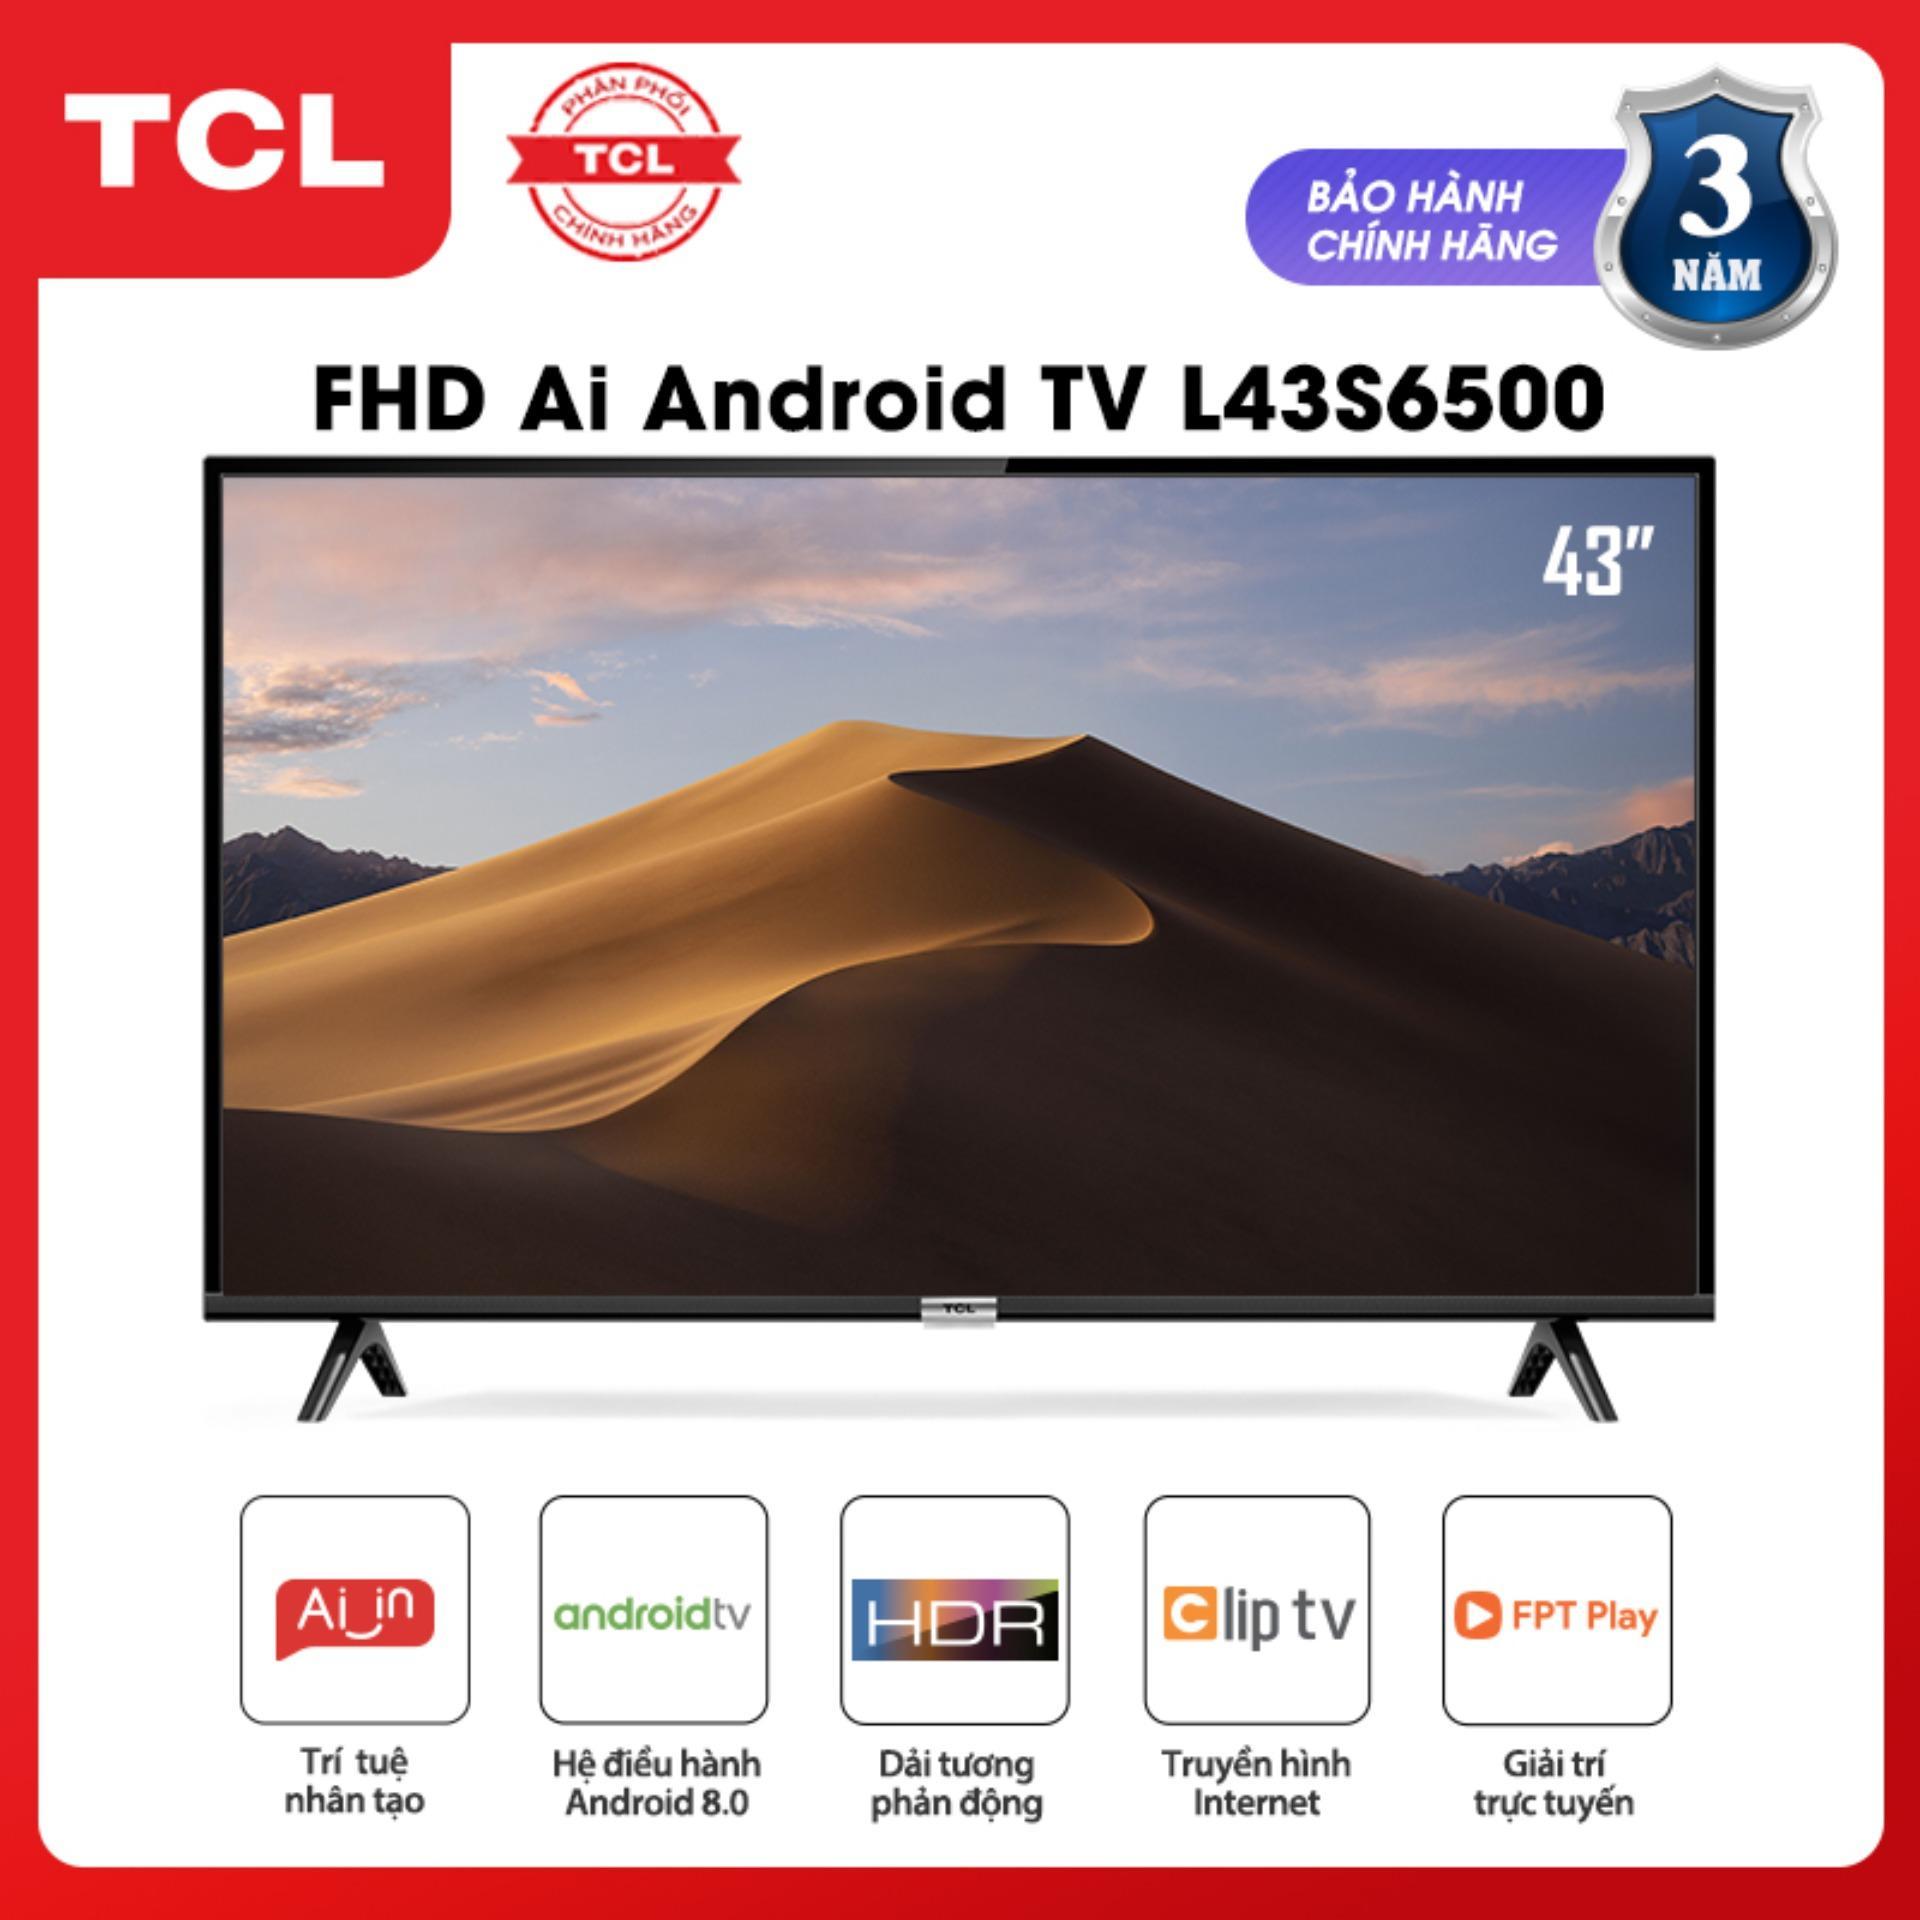 Bảng giá Smart Android 8.0 TV 43 inch TCL Full HD wifi AI TV - L43S6500 - HDR, Micro Dimming, Dolby, Chromecast, T-cast, AI+IN - Tivi giá rẻ chất lượng - Bảo hành 3 năm